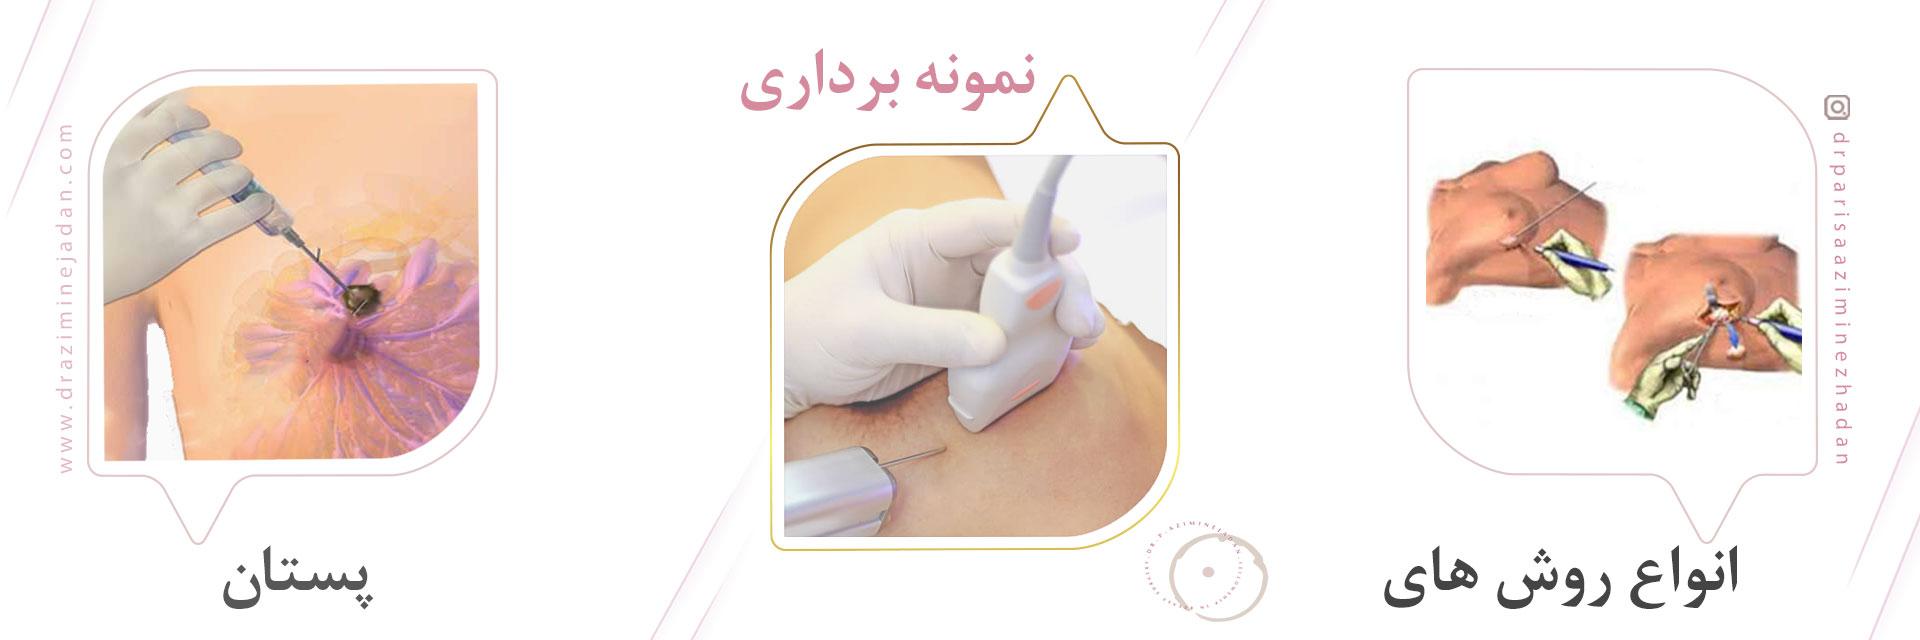 انواع روش های نمونه برداری پستان